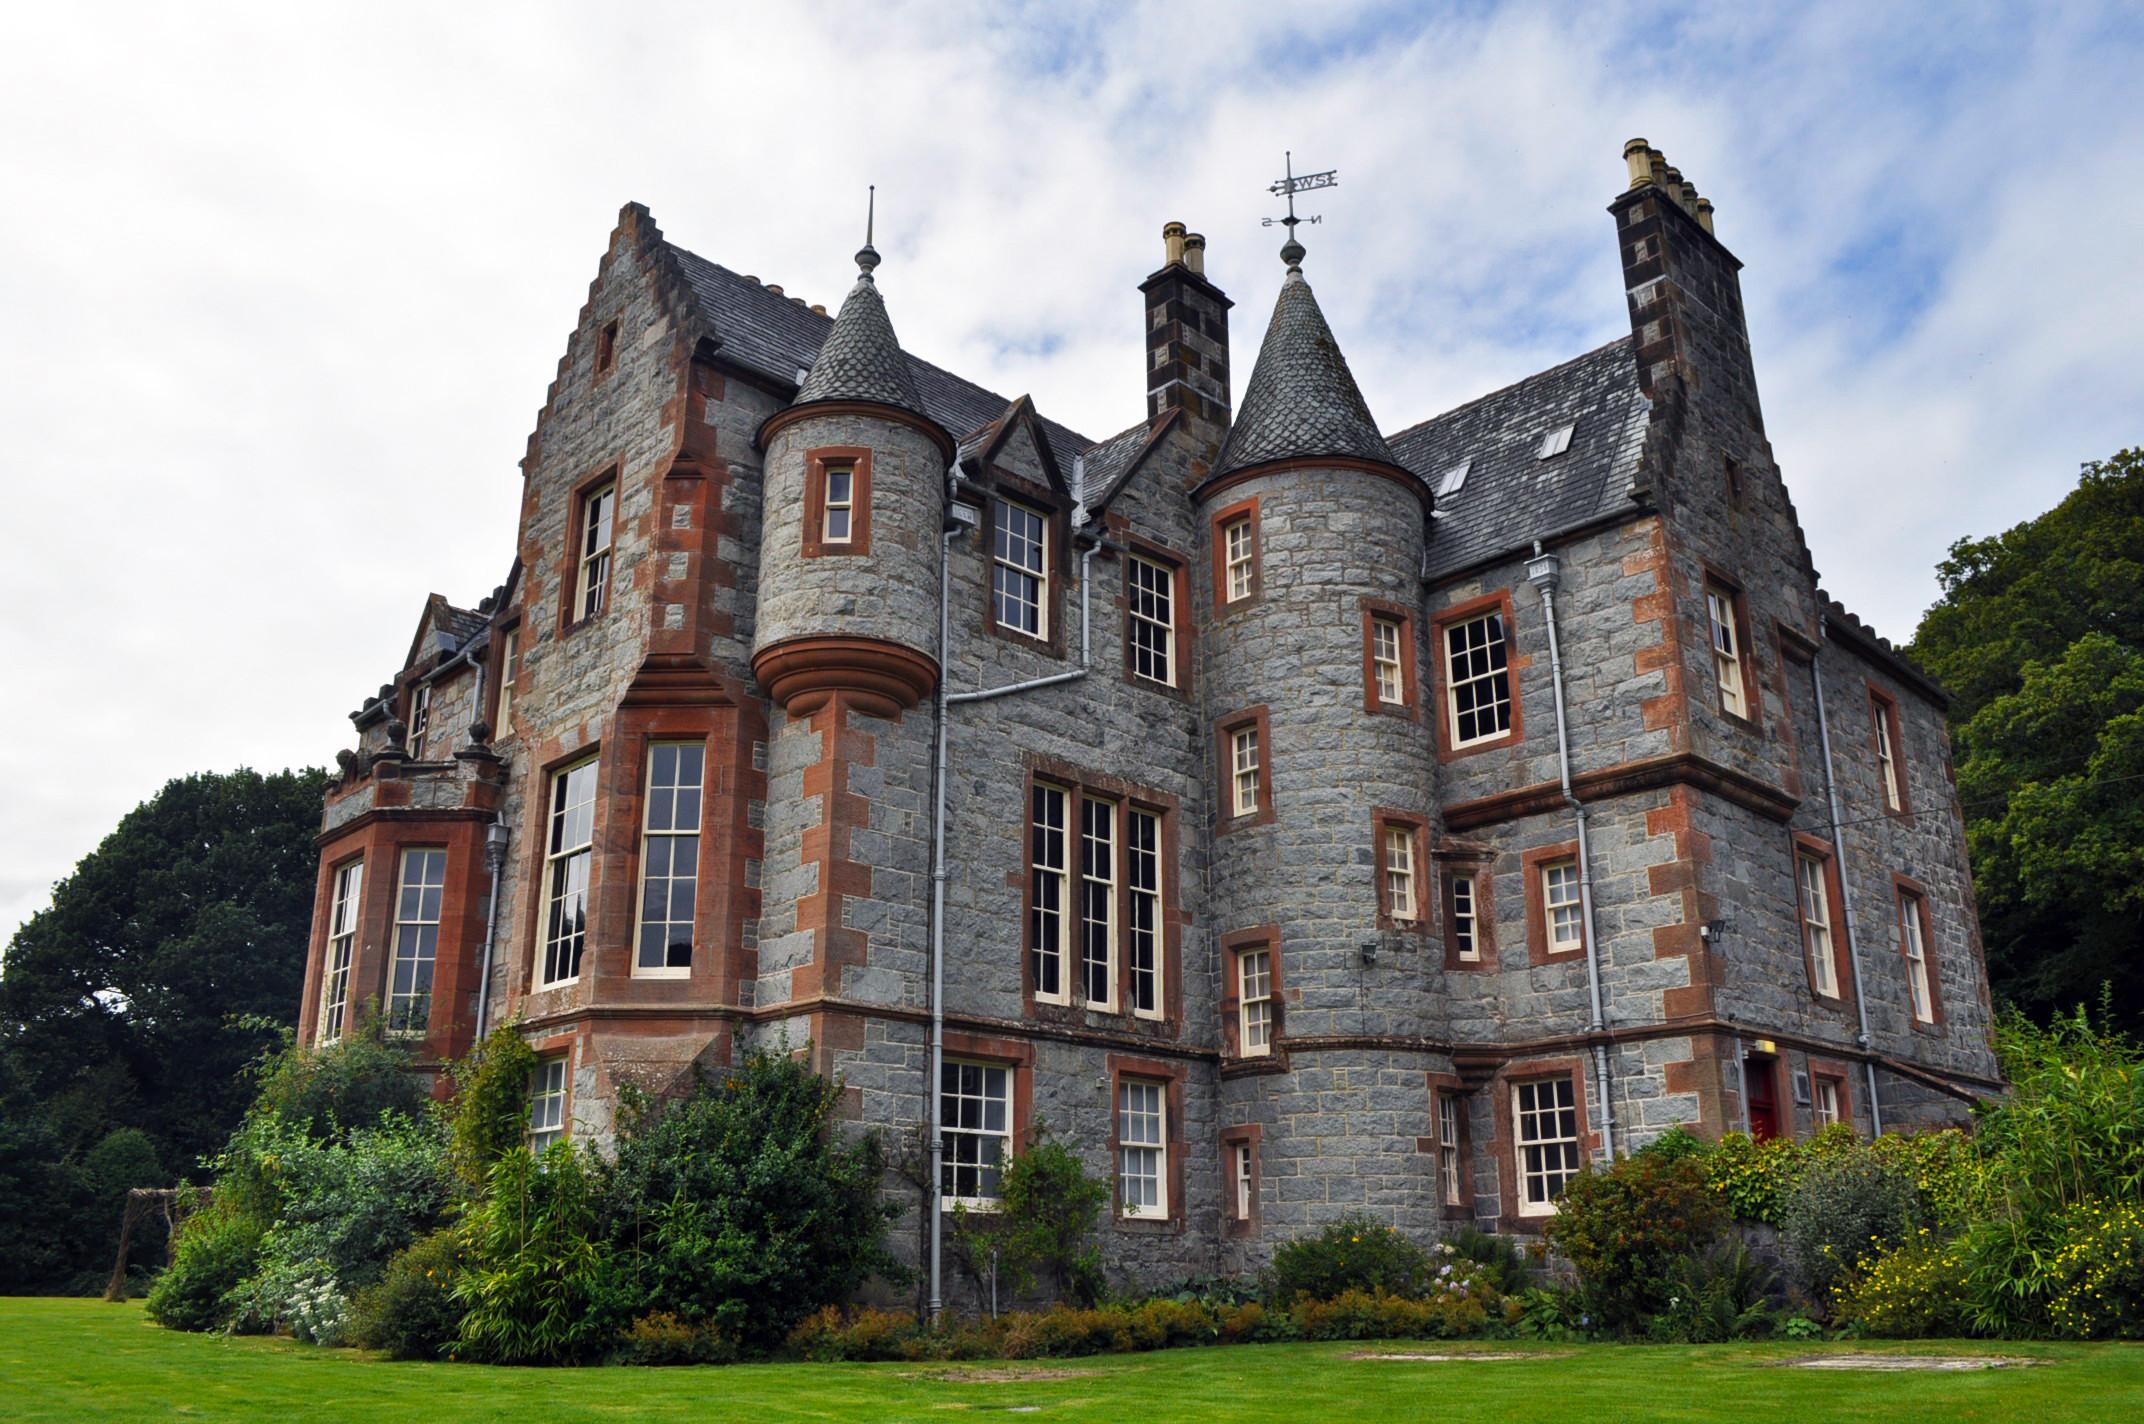 Image Shambellie House